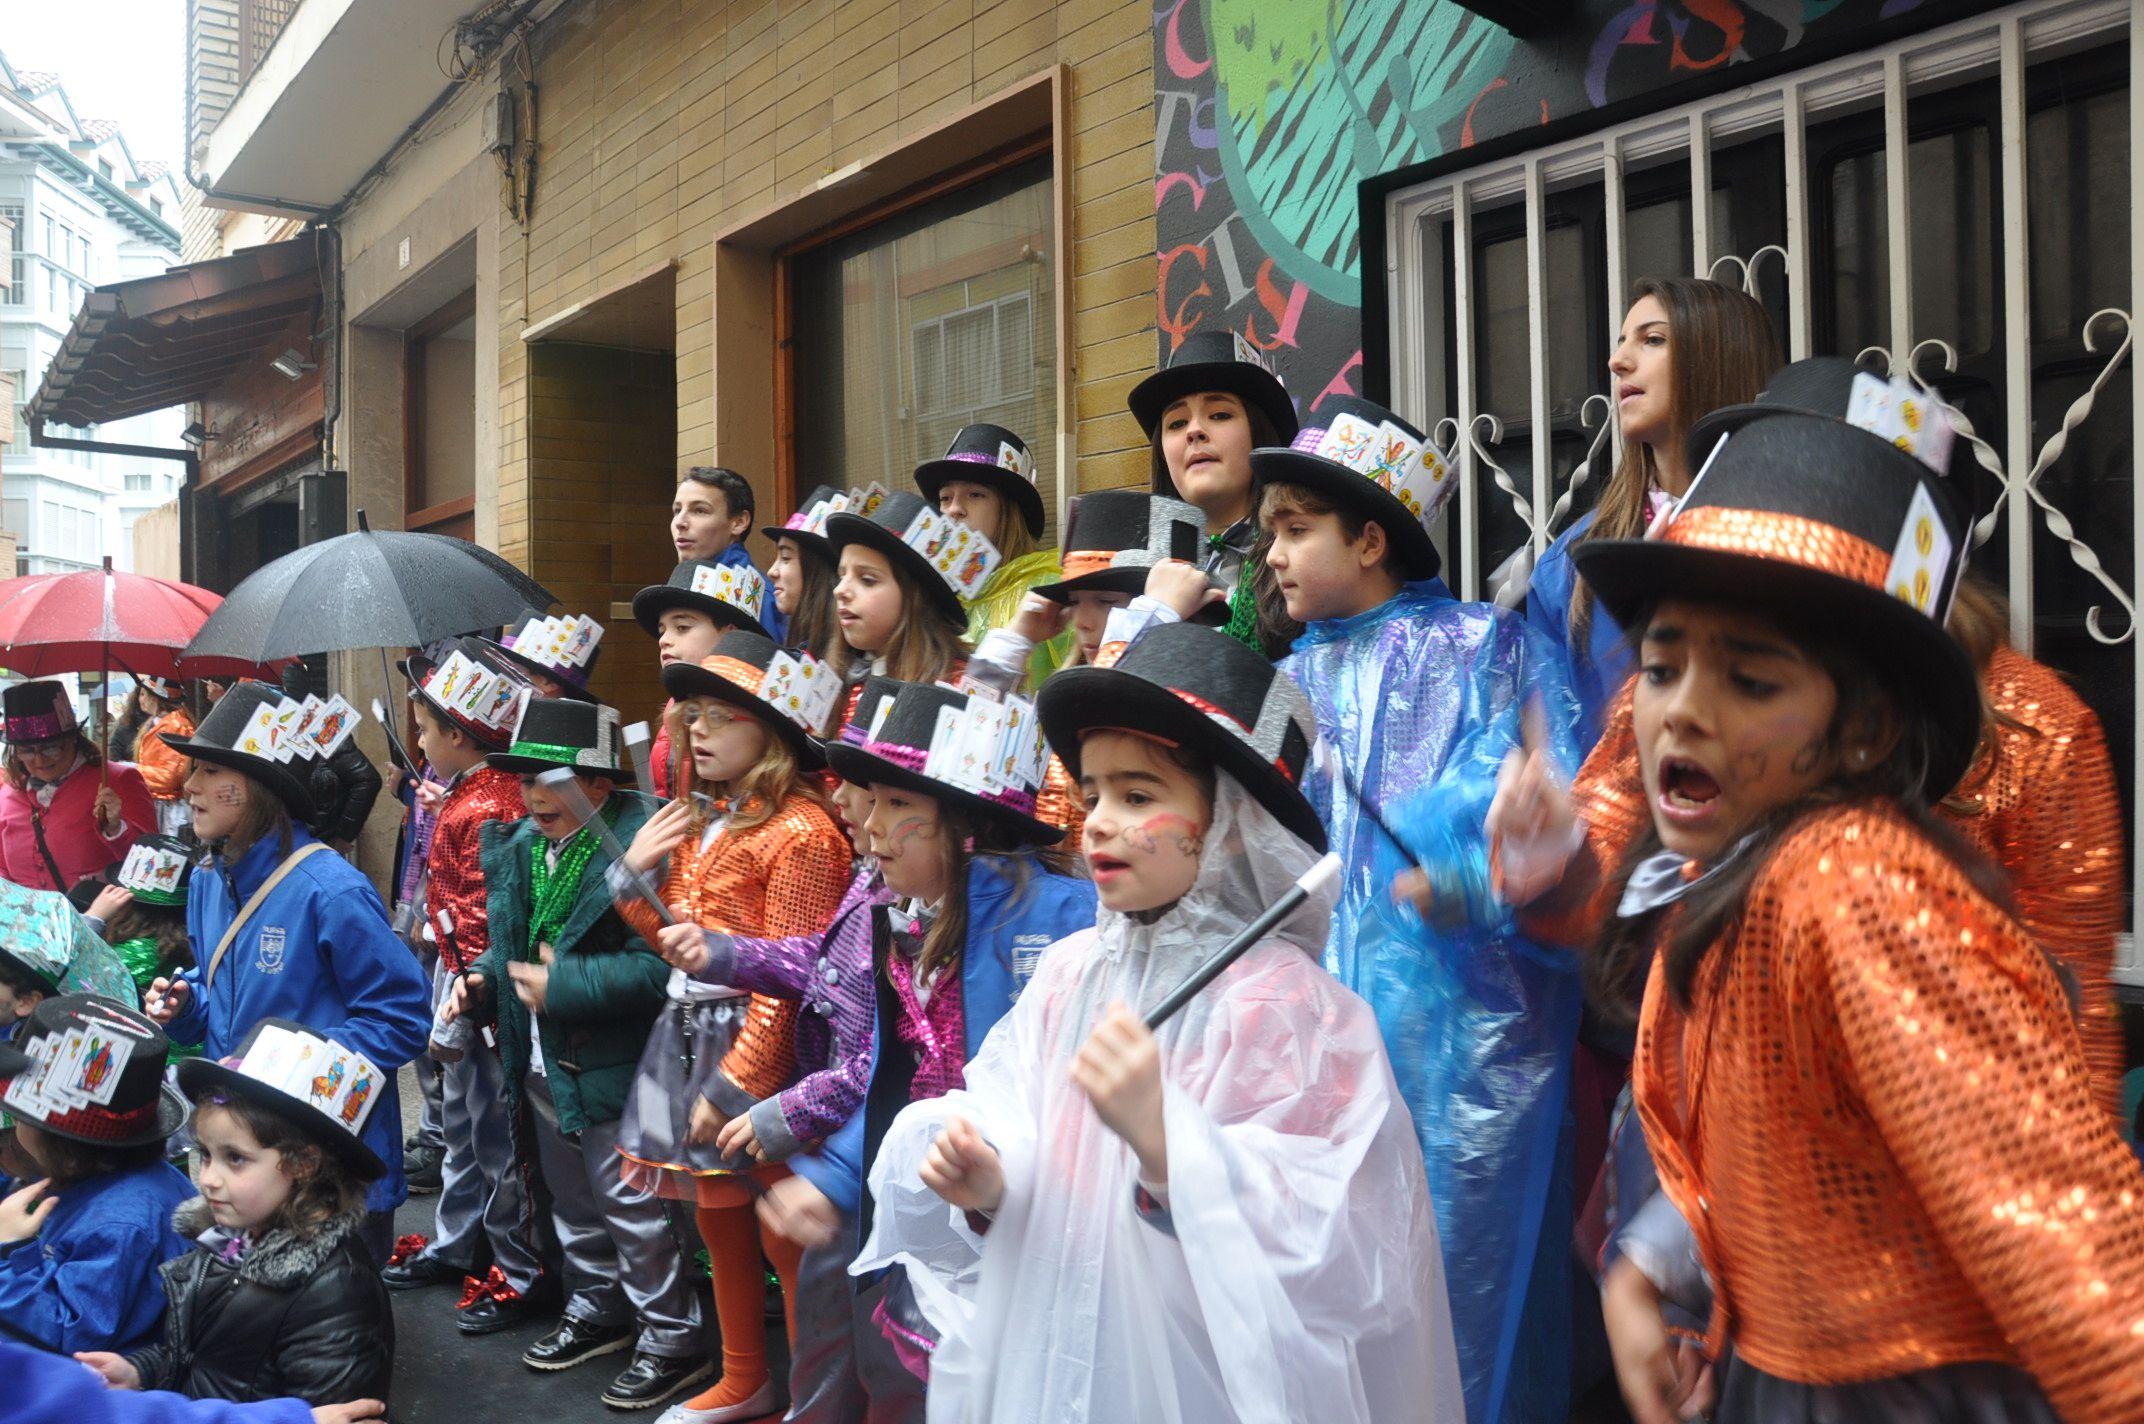 Día Grande 14/02: Chiquiteo y Actuación de las Murgas: Los Notas